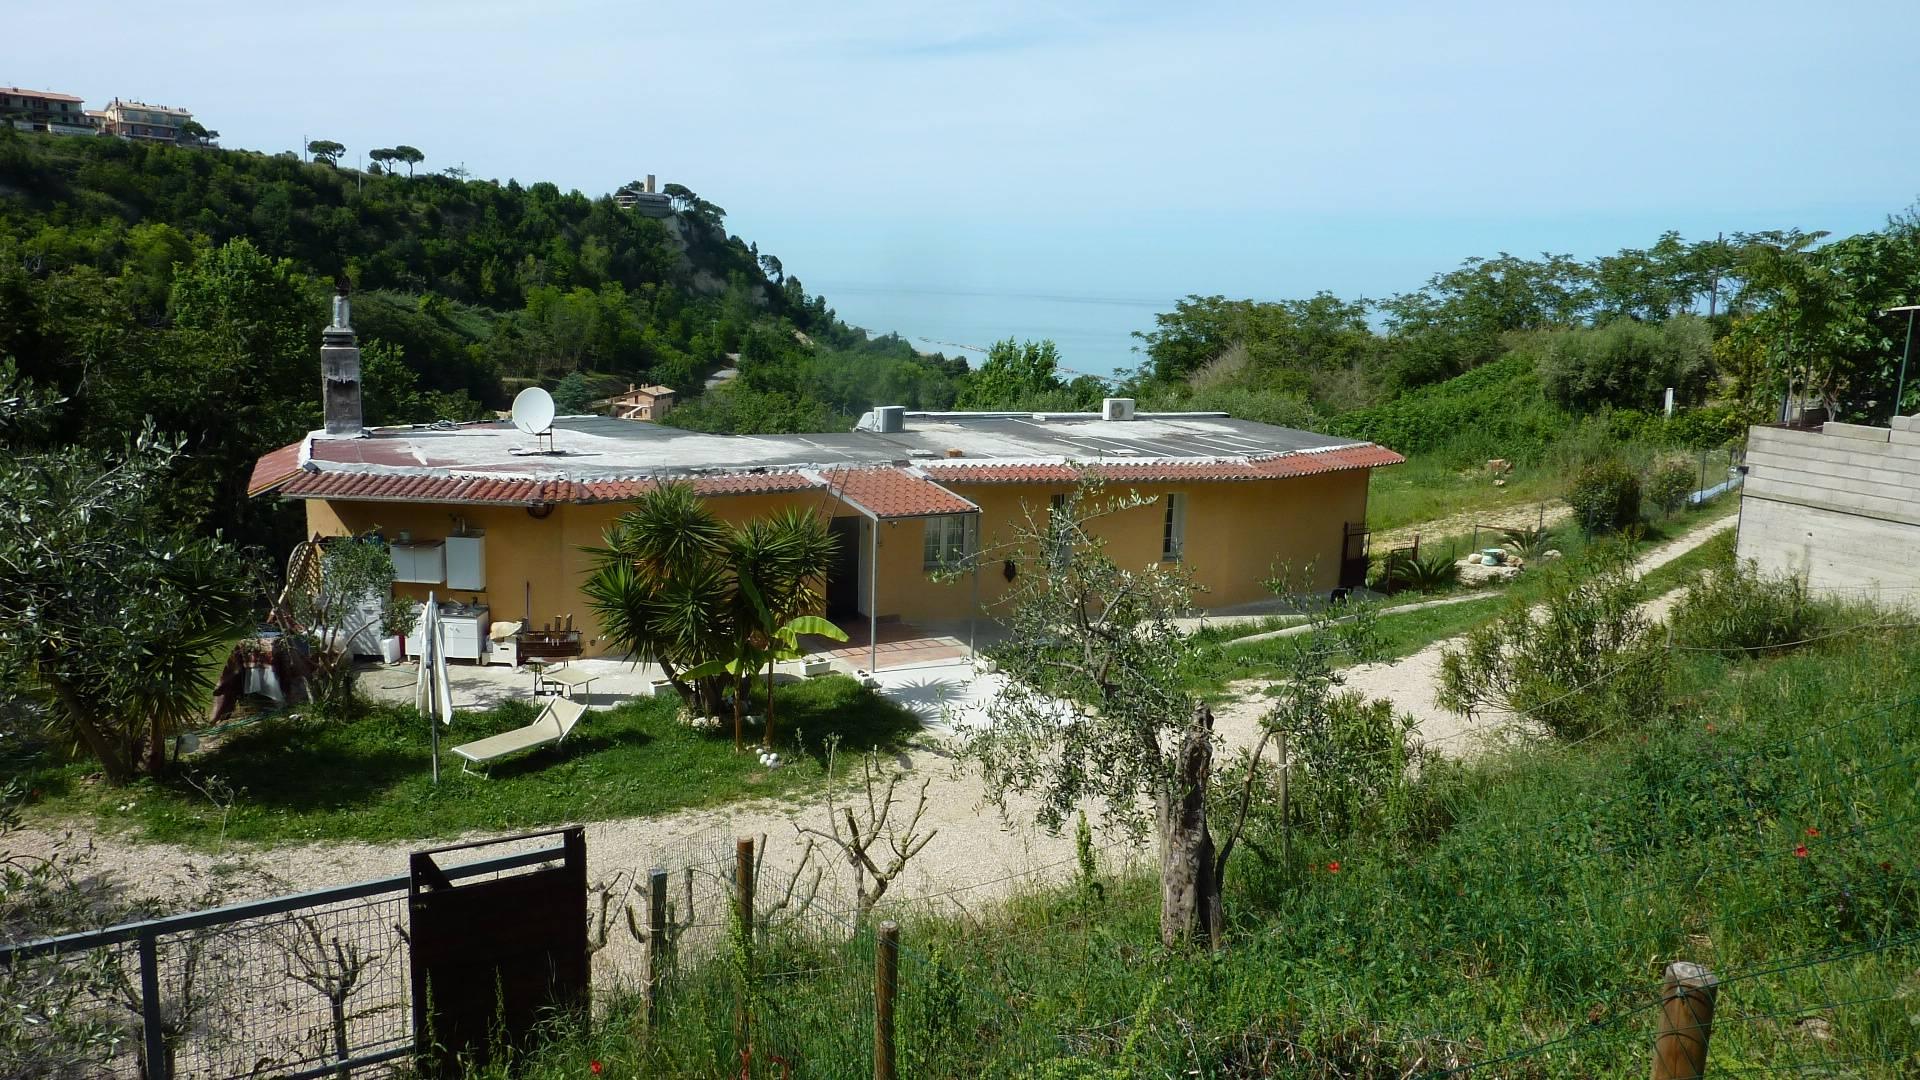 Villa in vendita a Cupra Marittima, 5 locali, prezzo € 250.000 | Cambio Casa.it